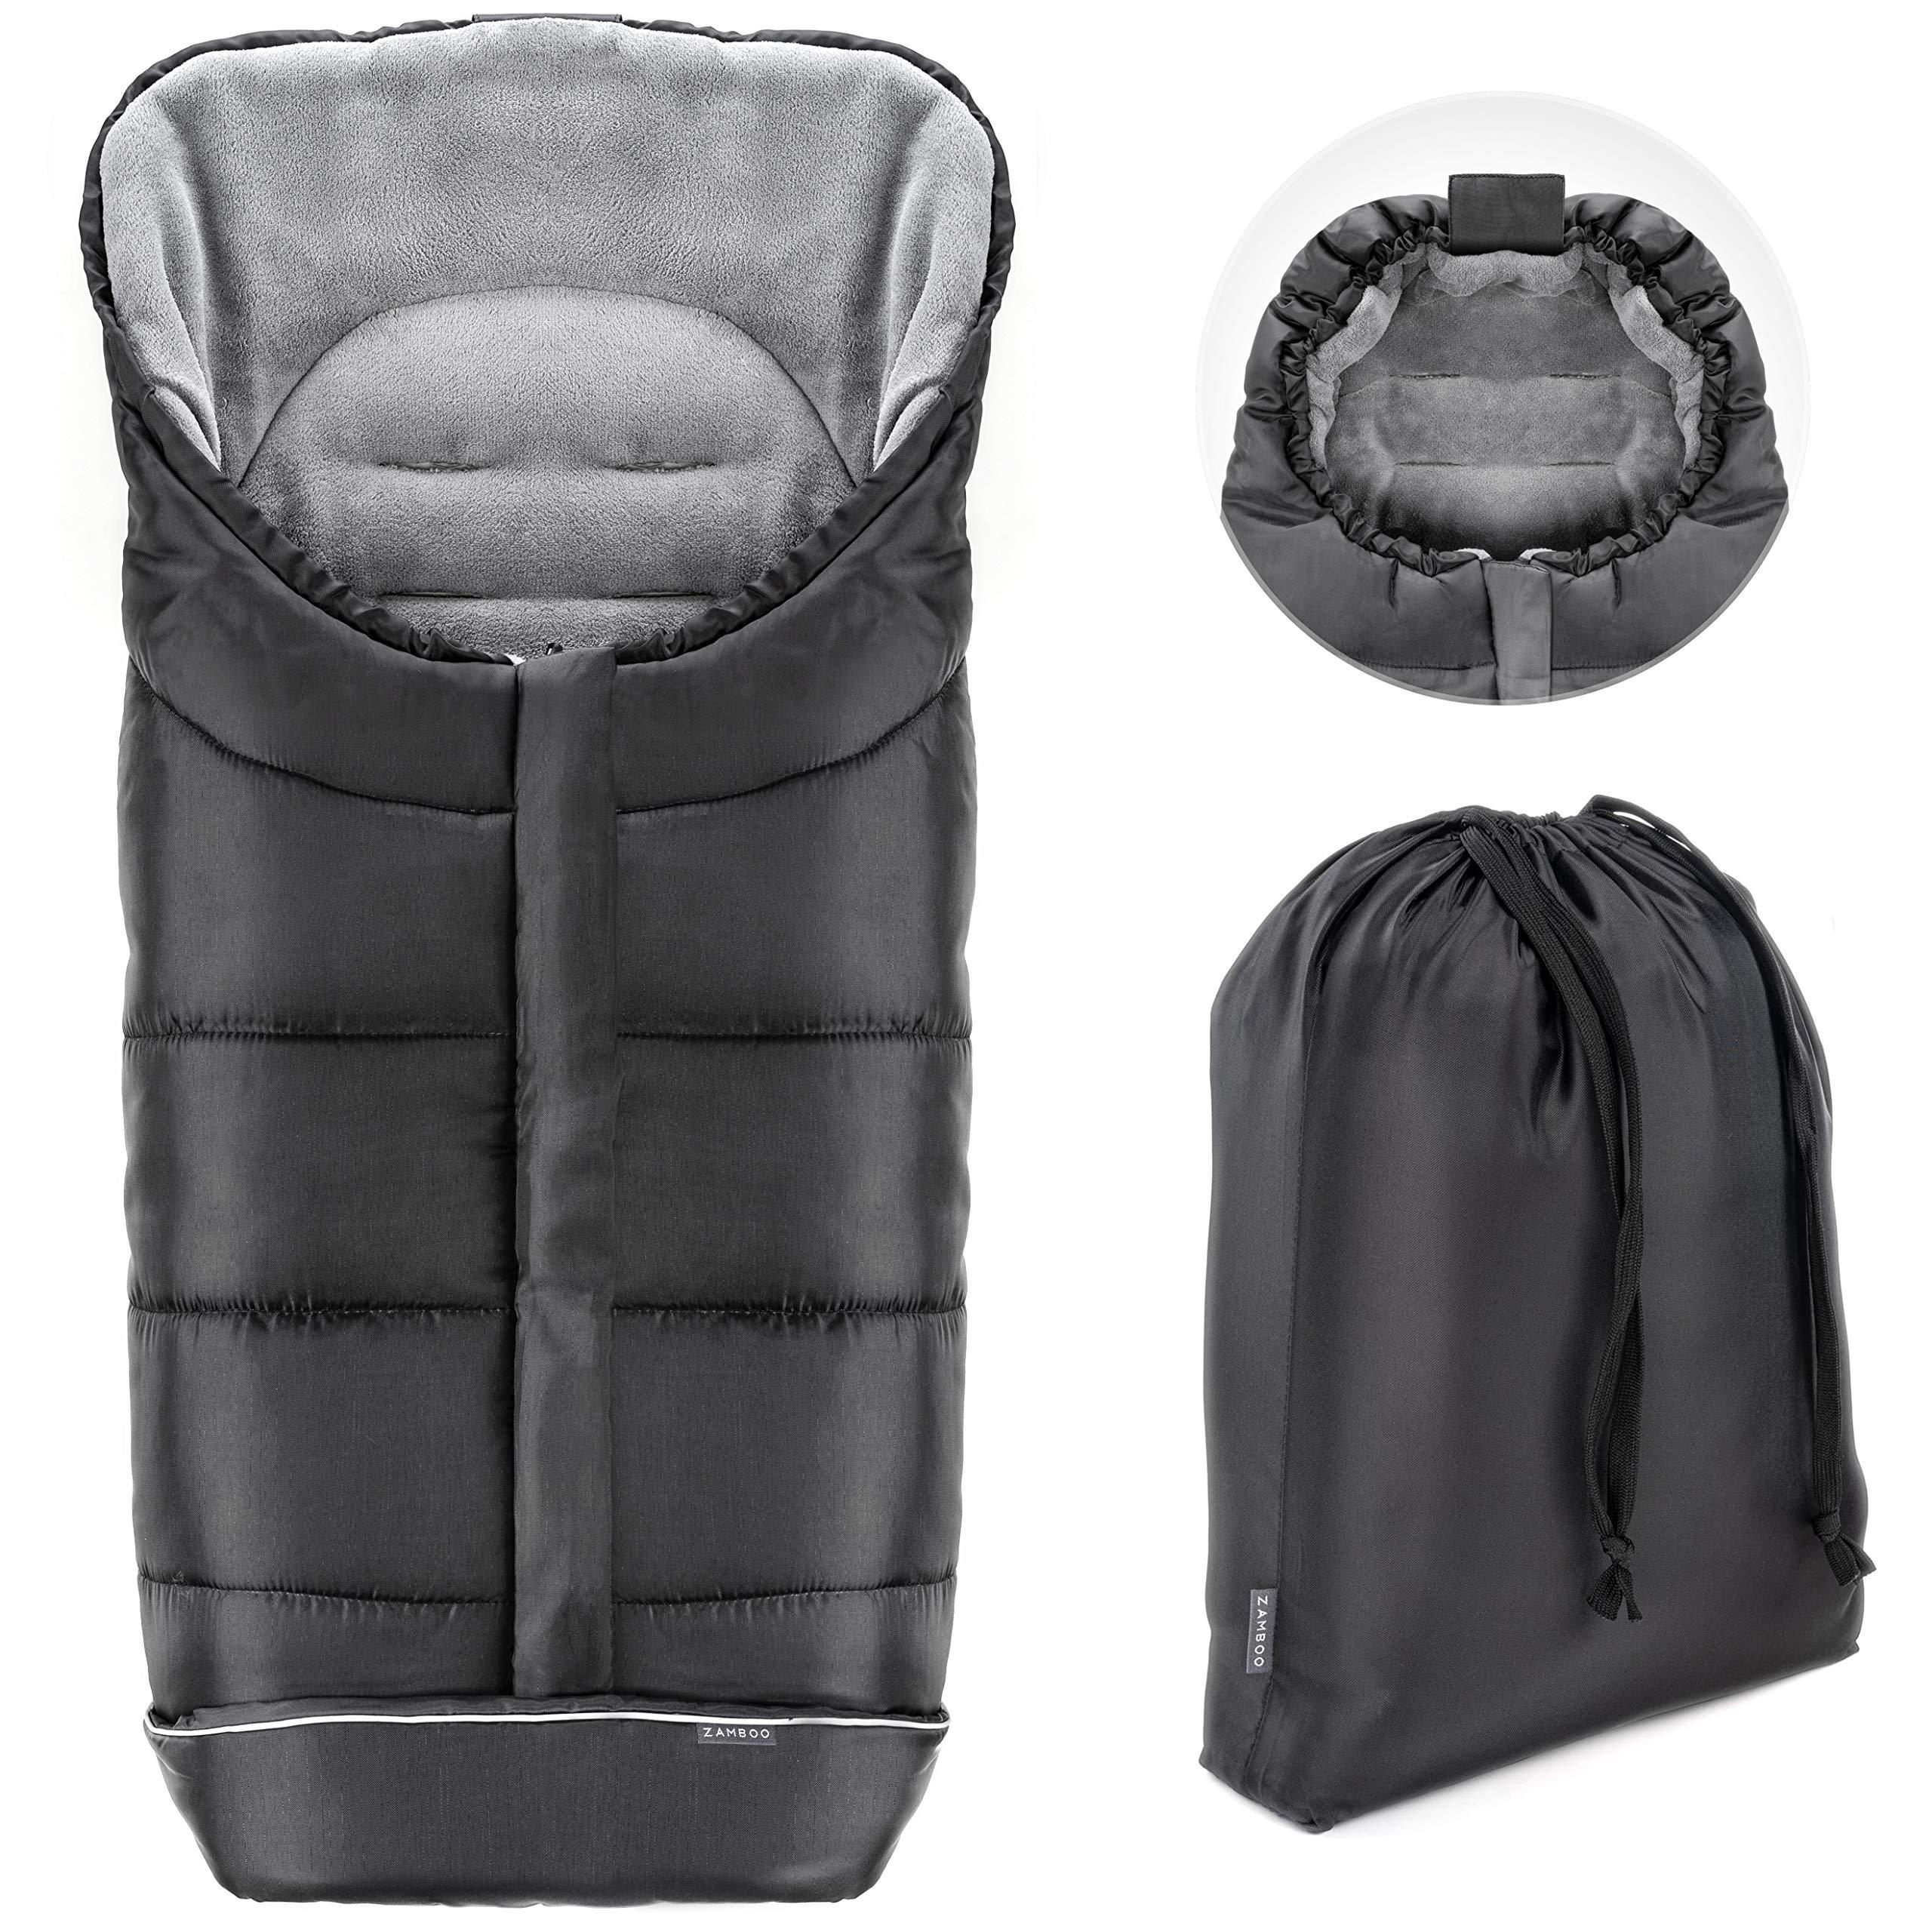 Zamboo Saco de invierno Universal para cochecito y silla de paseo   Protección antideslizante, forro